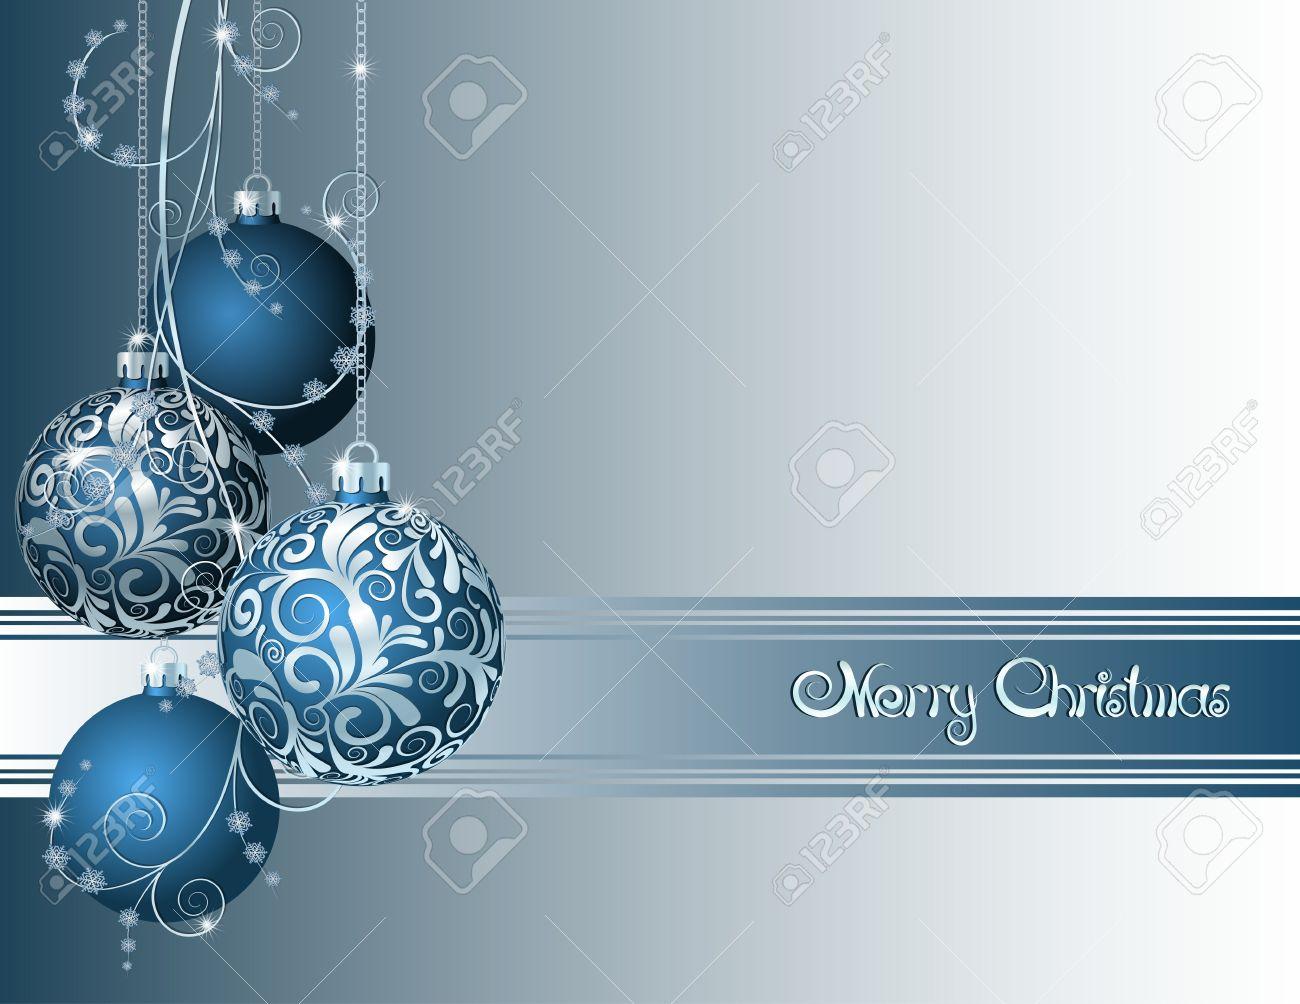 tarjeta navidad tarjeta de navidad azul con bolas de navidad y copos de nieve